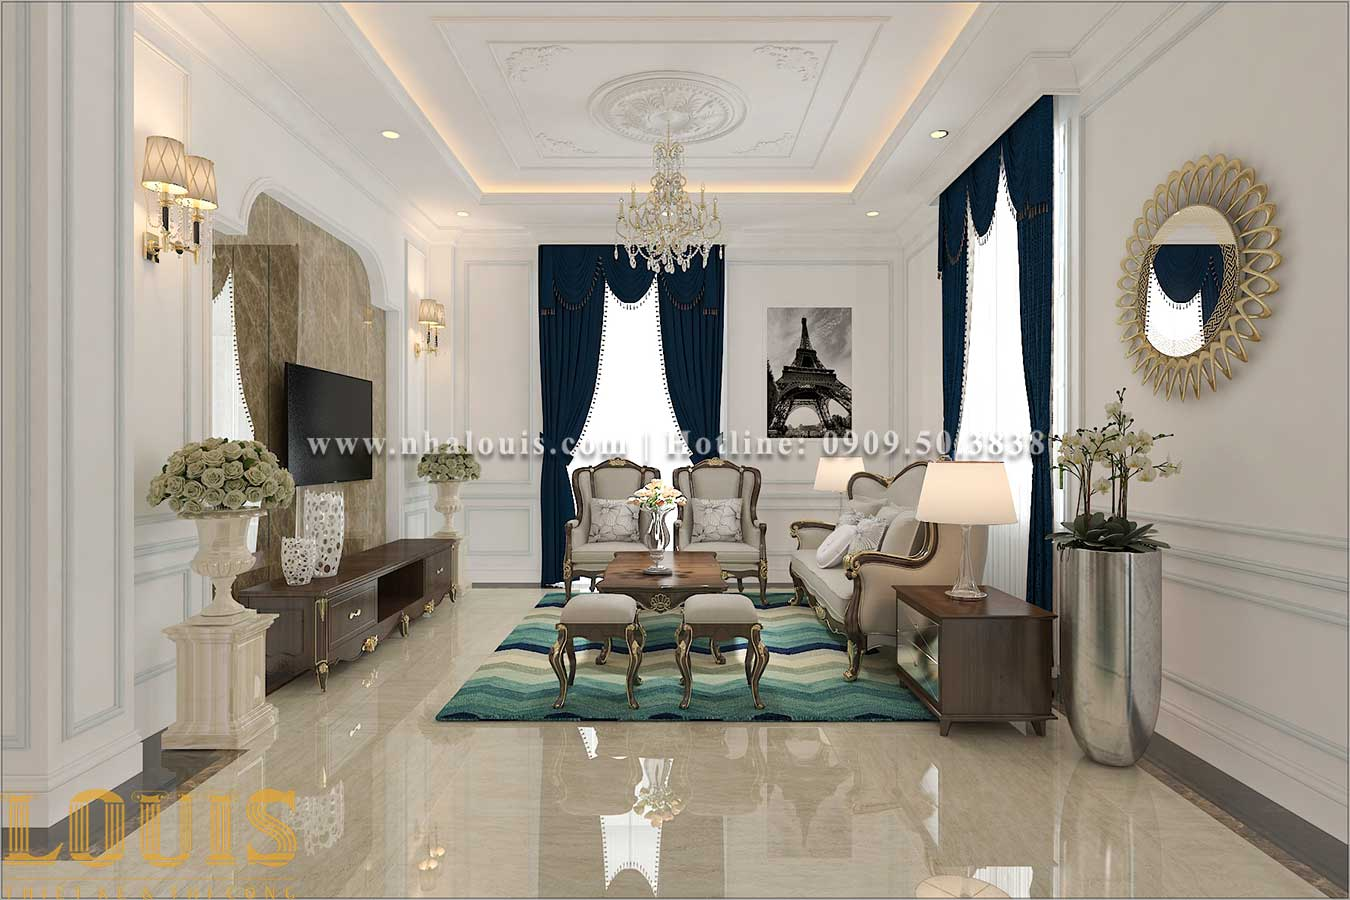 Phòng khách Thiết kế biệt thự 3 tầng tân cổ điển đẹp lộng lẫy tại Bình Dương